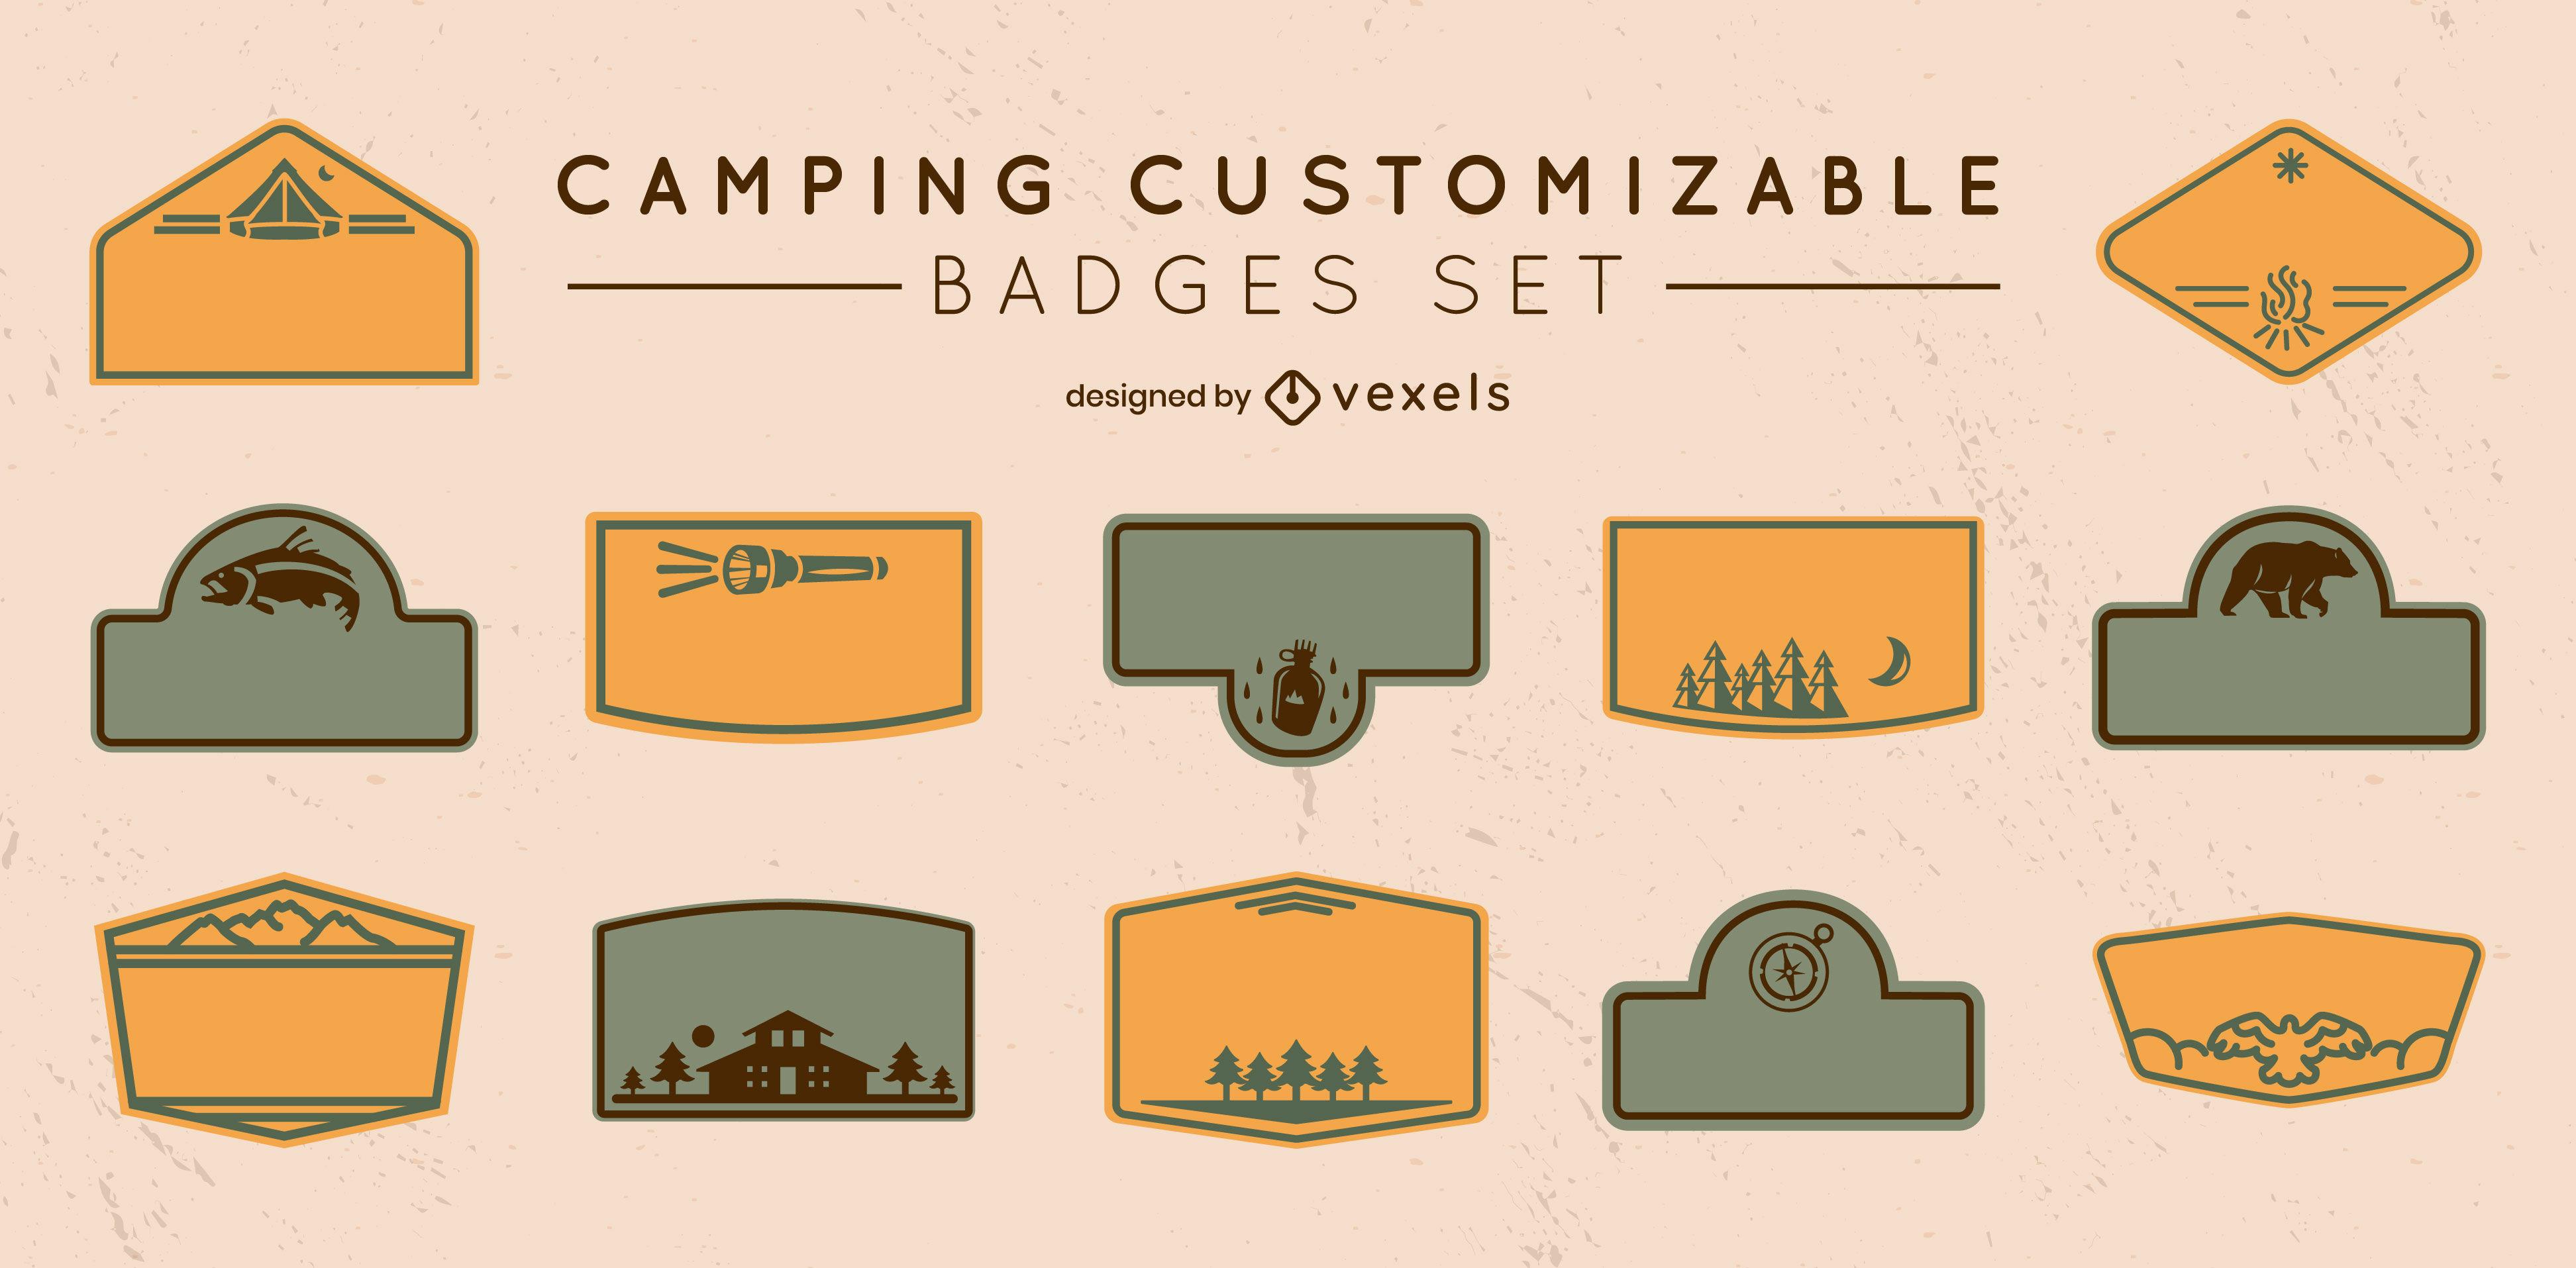 Rótulos personalizáveis de acampamento preenchidos com conjunto de traços